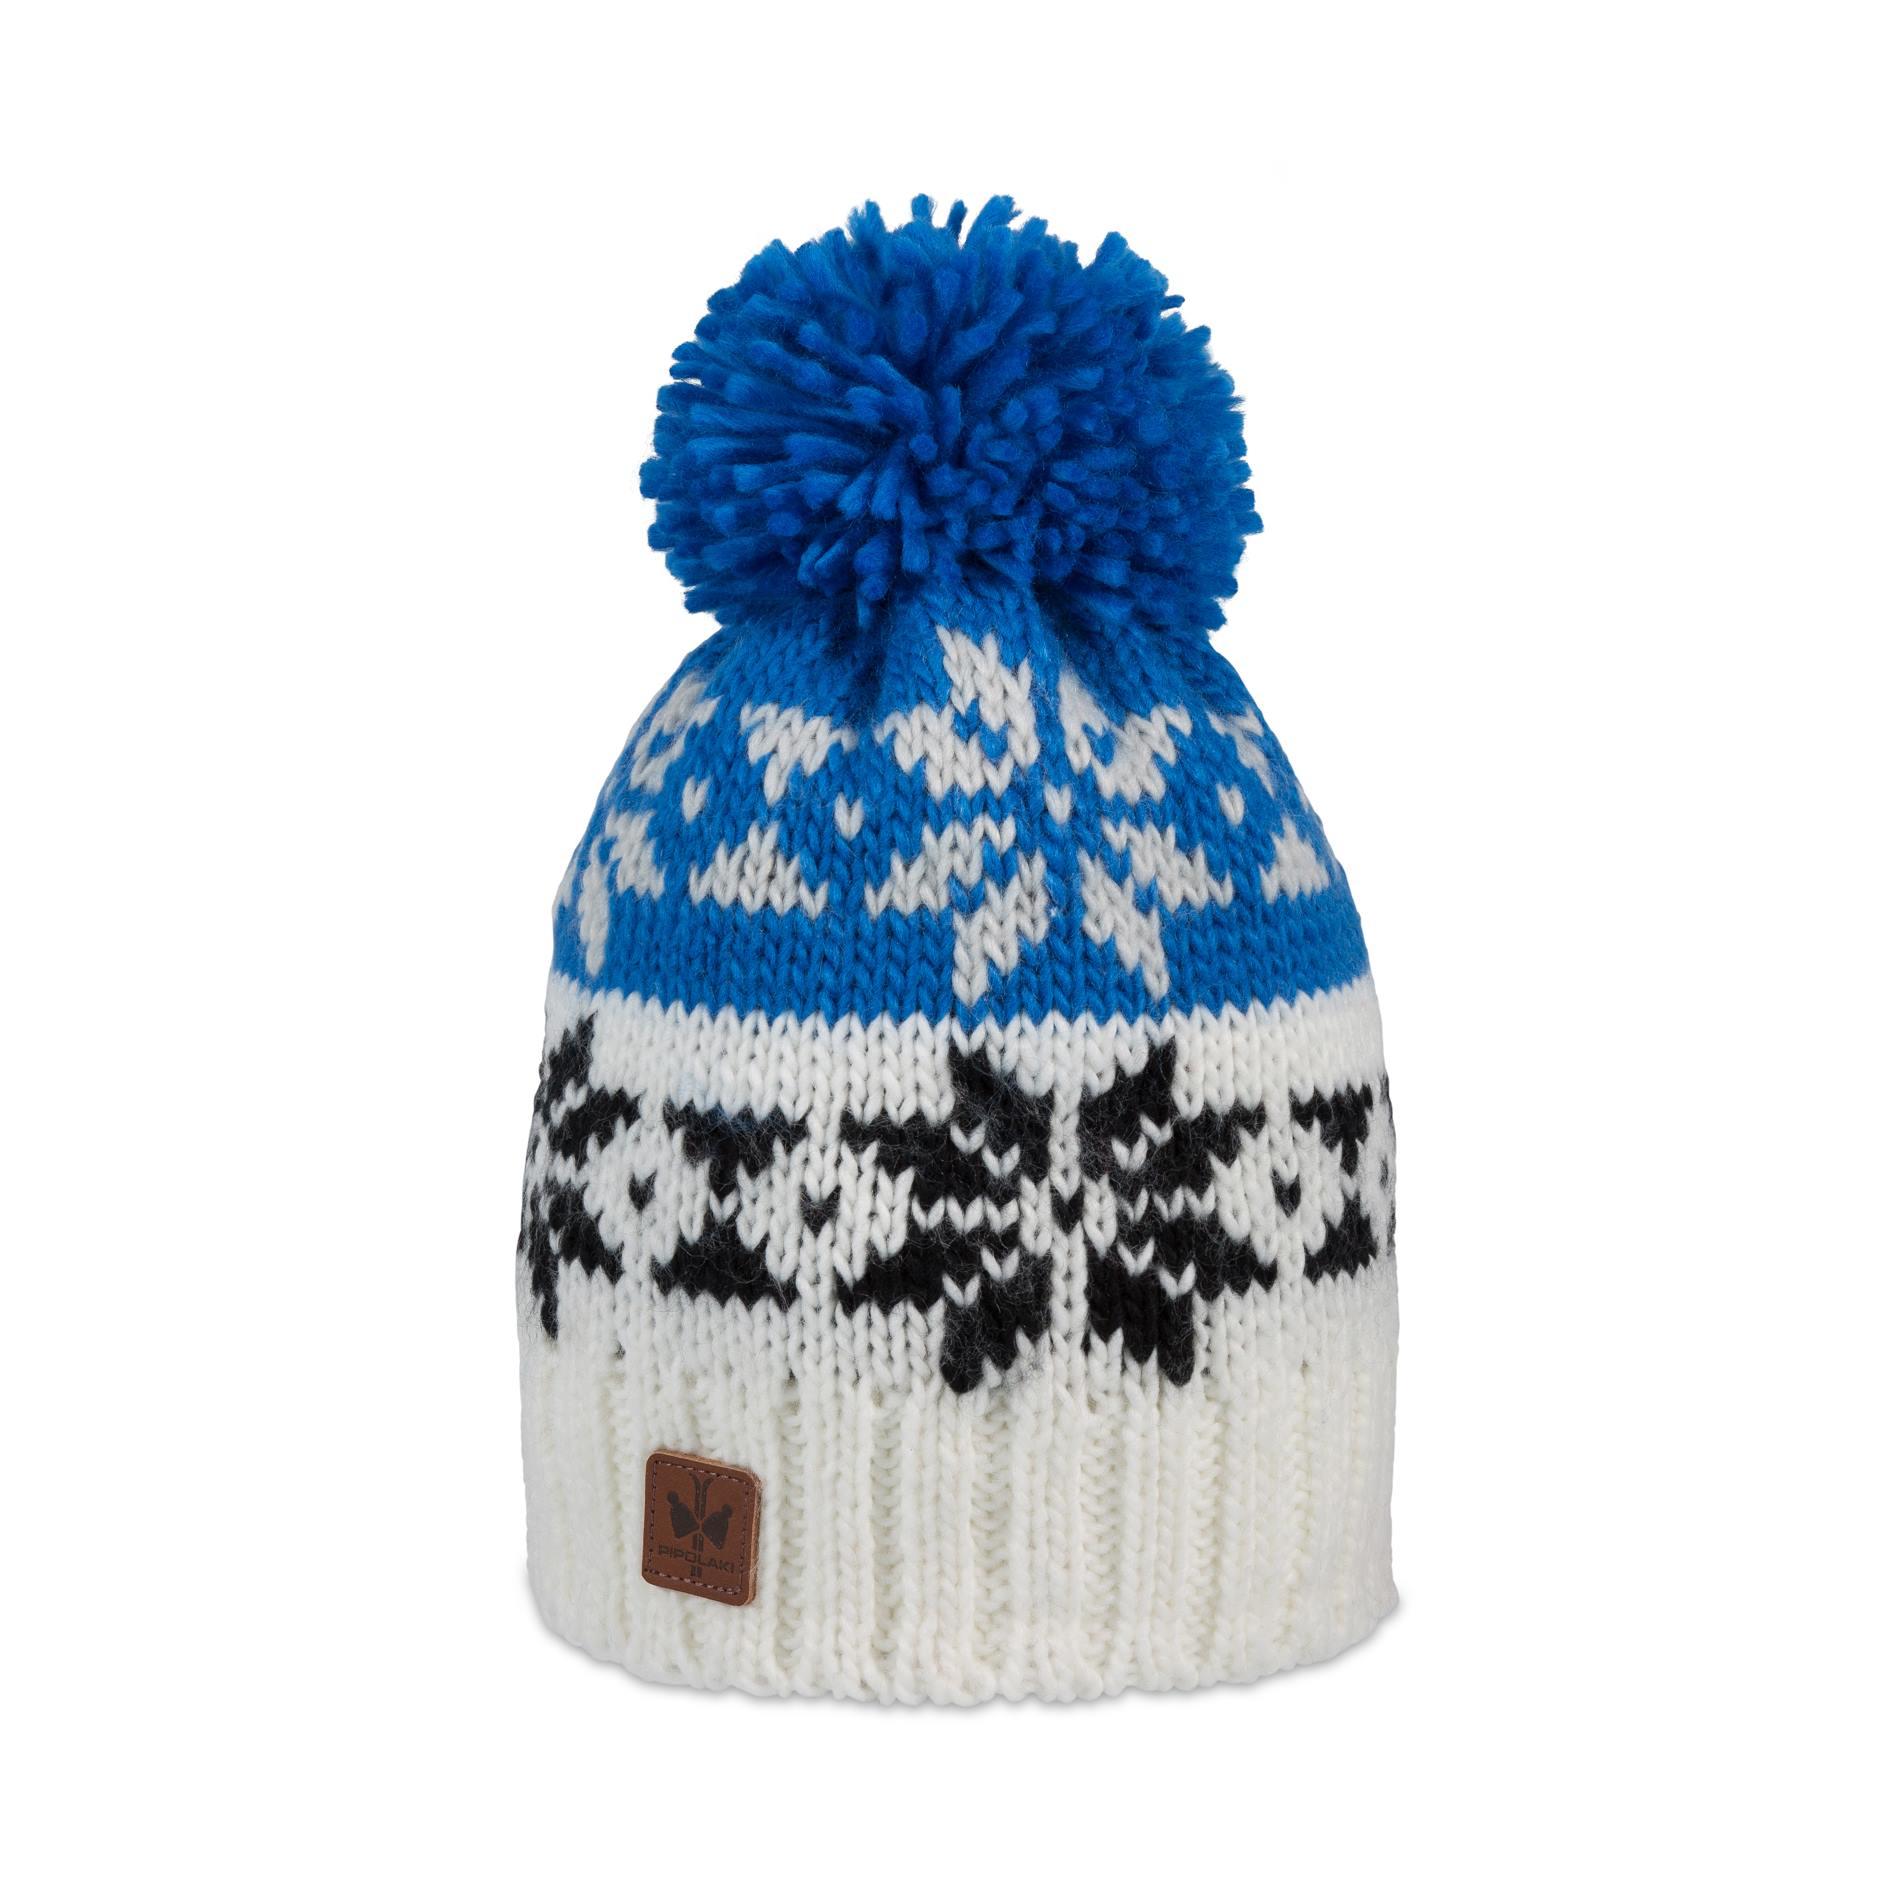 9534cf7e75d Pipolaki-Monto-Bonnet pompon-7038-025-Bleu-royal